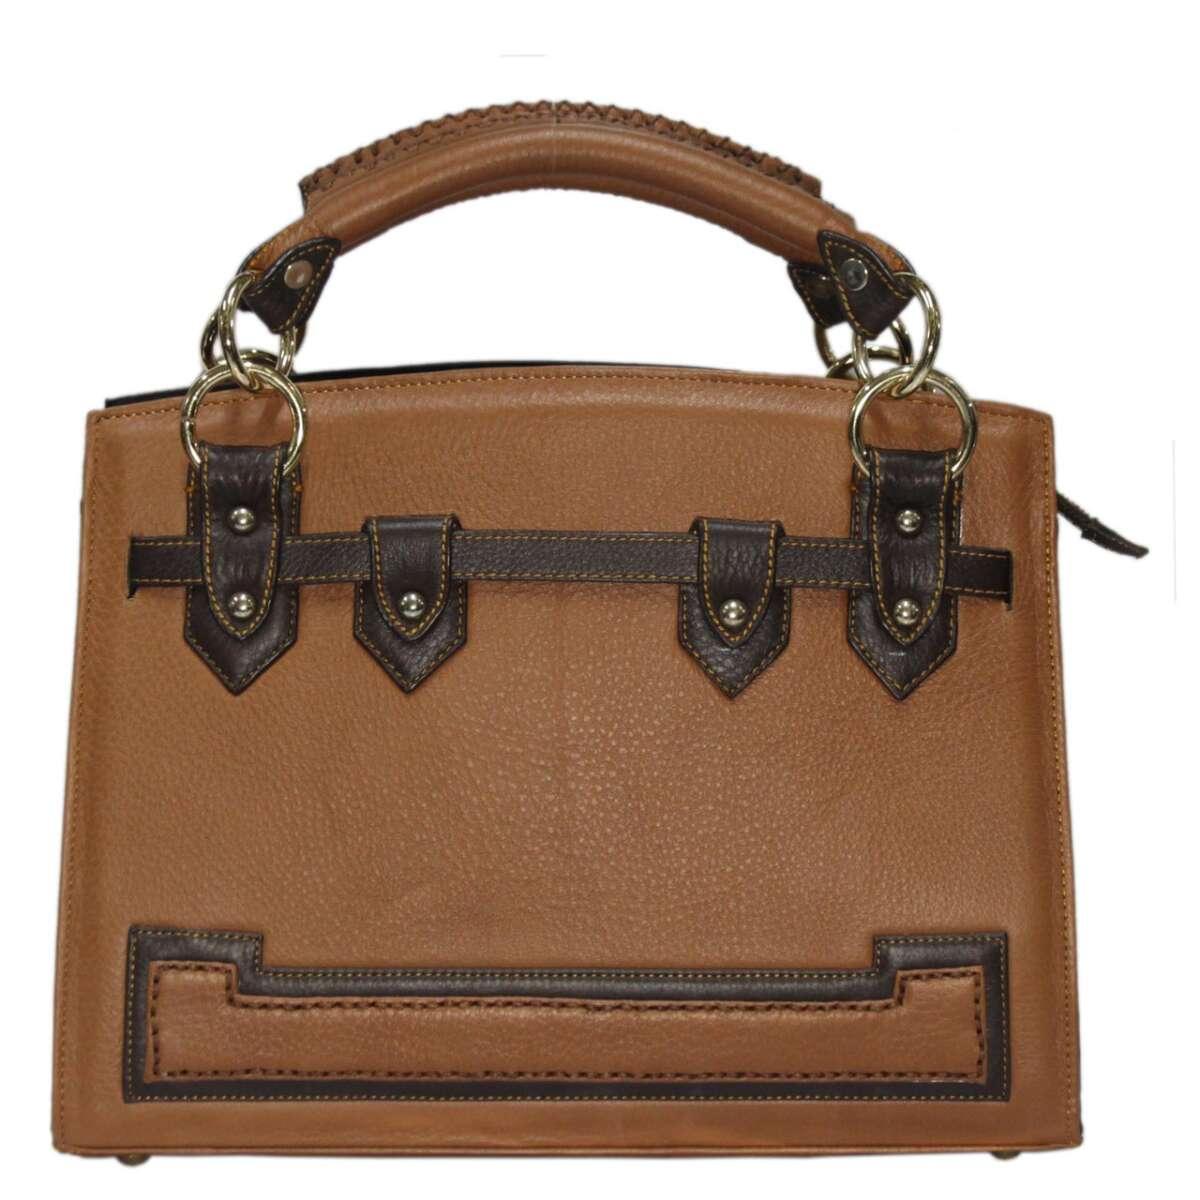 Túi xách nữ da bò B018